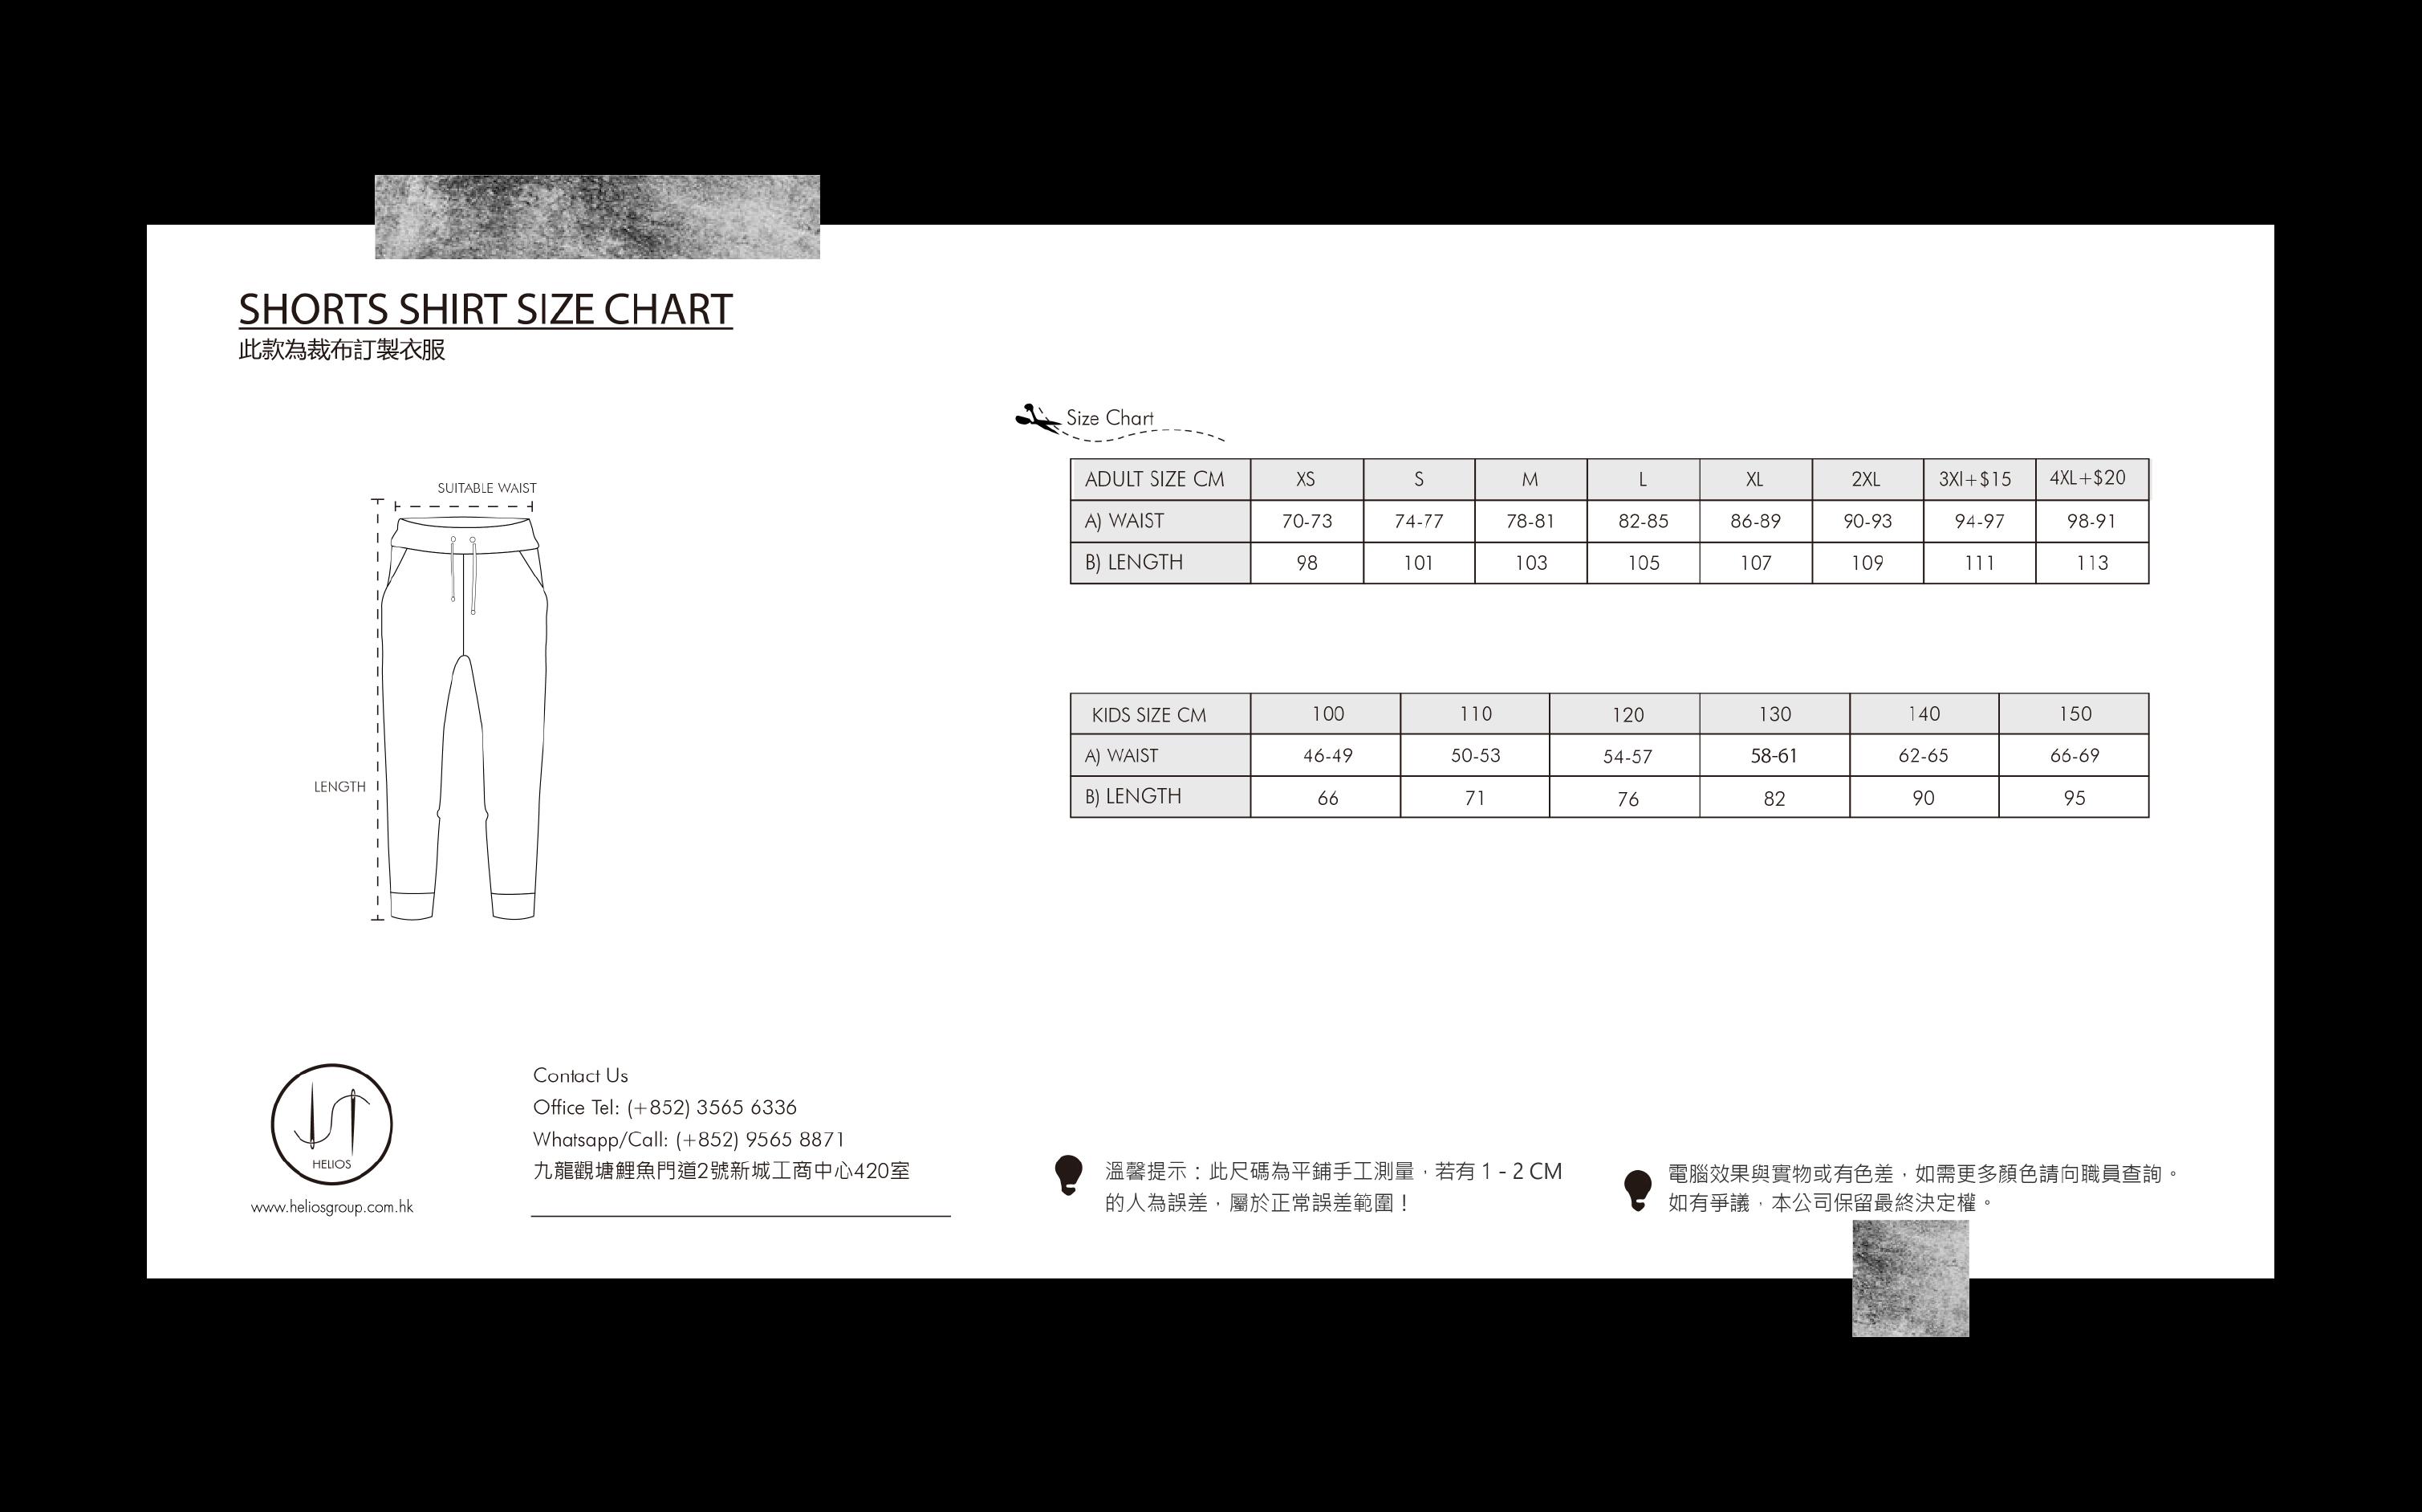 裁布製長褲尺碼表